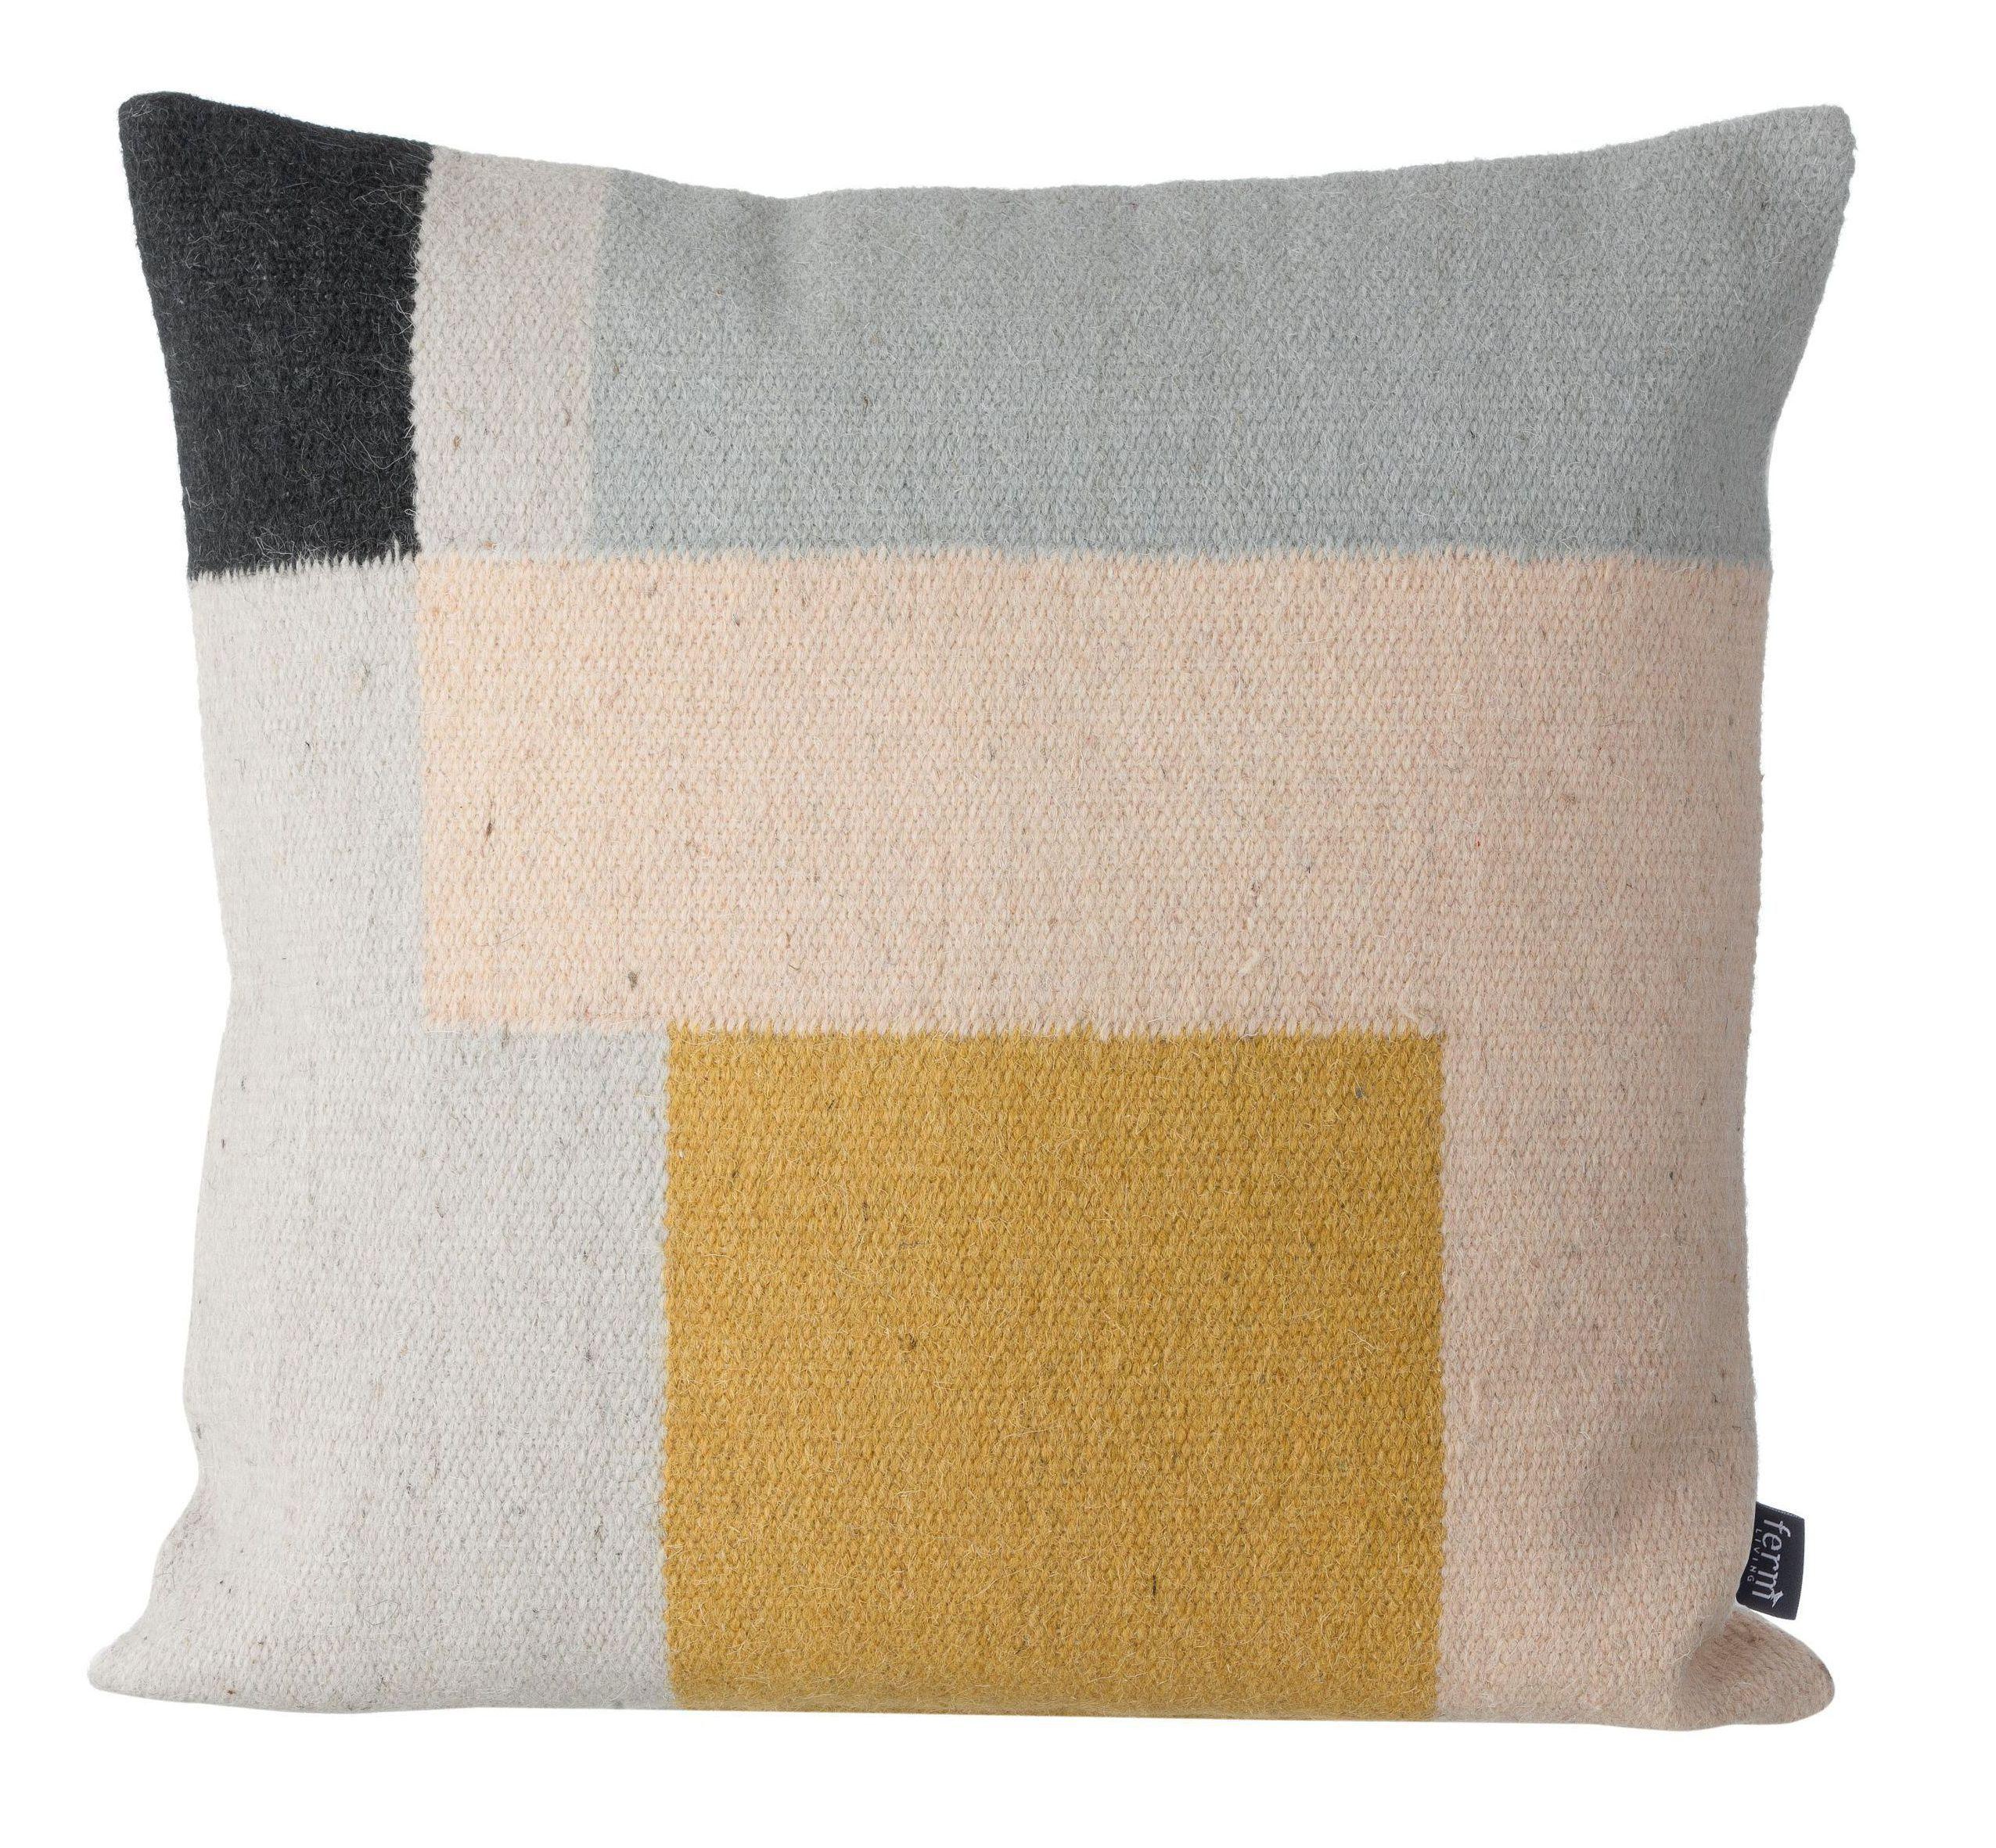 Retrouvez ce modèle de Coussin Kelim Squares Ferm Living sur la boutique en ligne d'idées cadeaux déco et papeterie, Lili's.Could be done as a print in various colour schemes